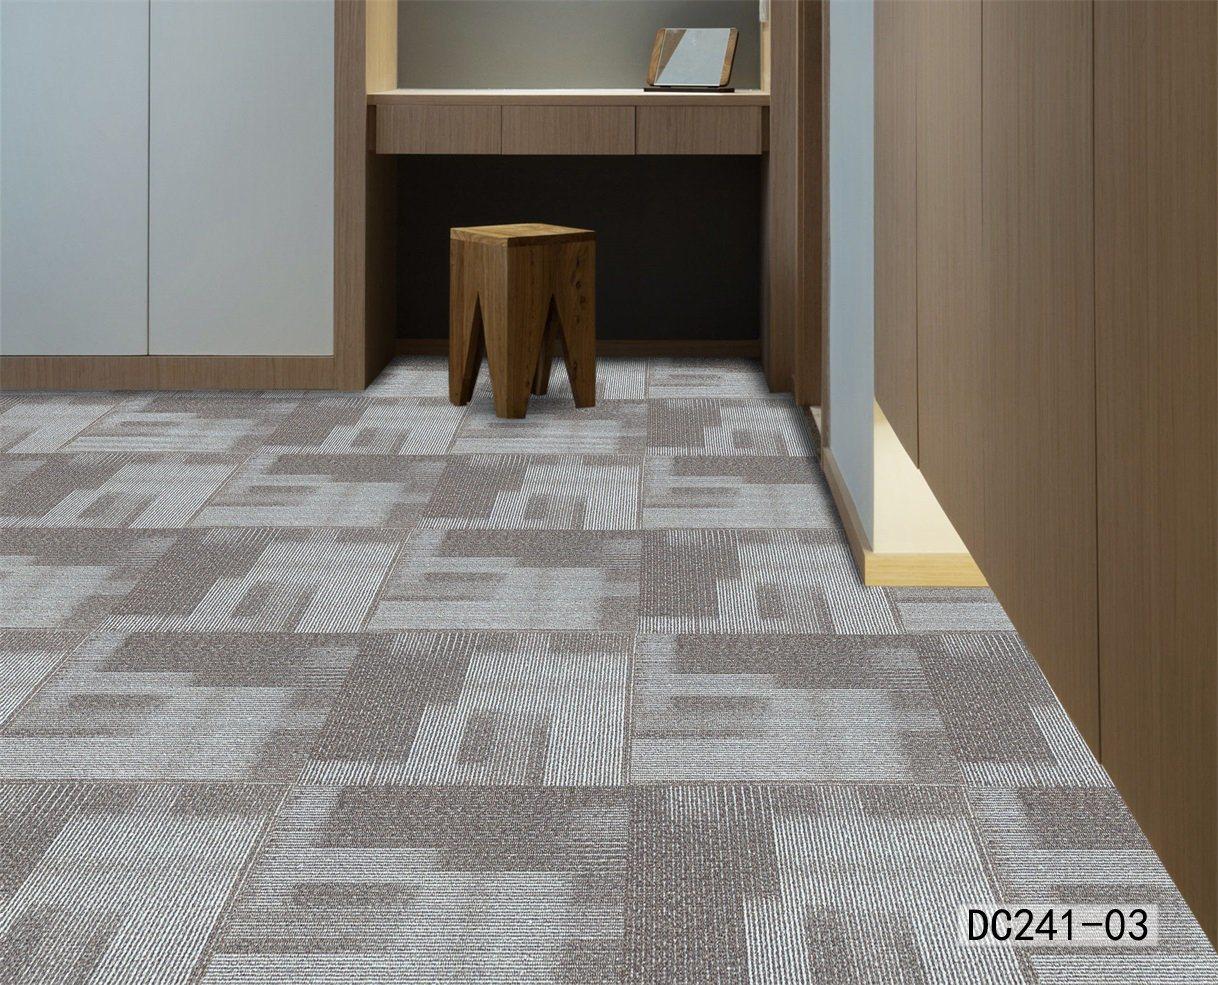 PVC Carpet Tiles for Exhibition Stands